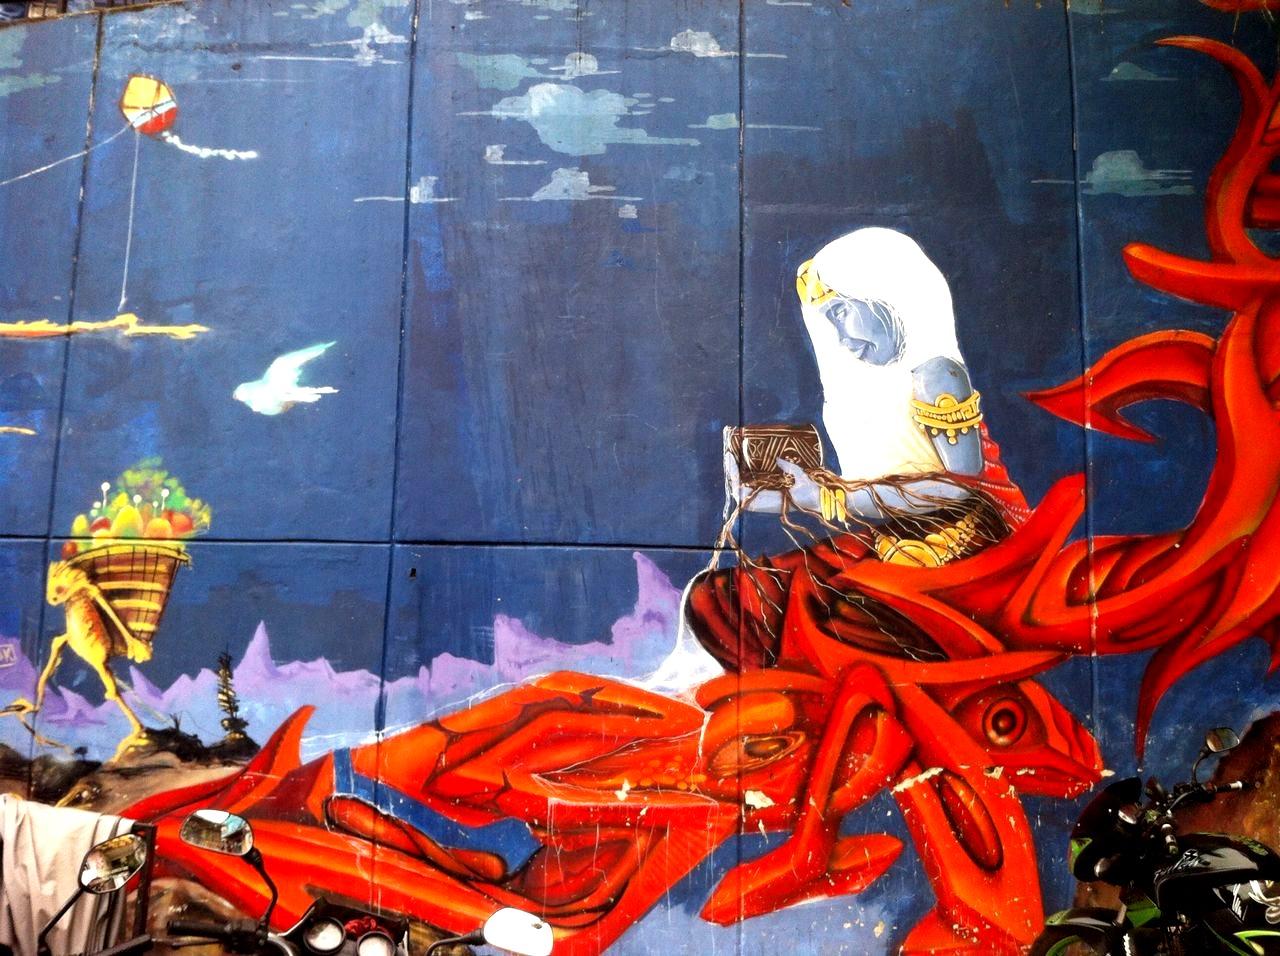 El Mural 'Abundancia' fue hecho por jóvenes grafiteros del barrio unidos al veterano pintor y maestro antioqueño Aníbal Gil.